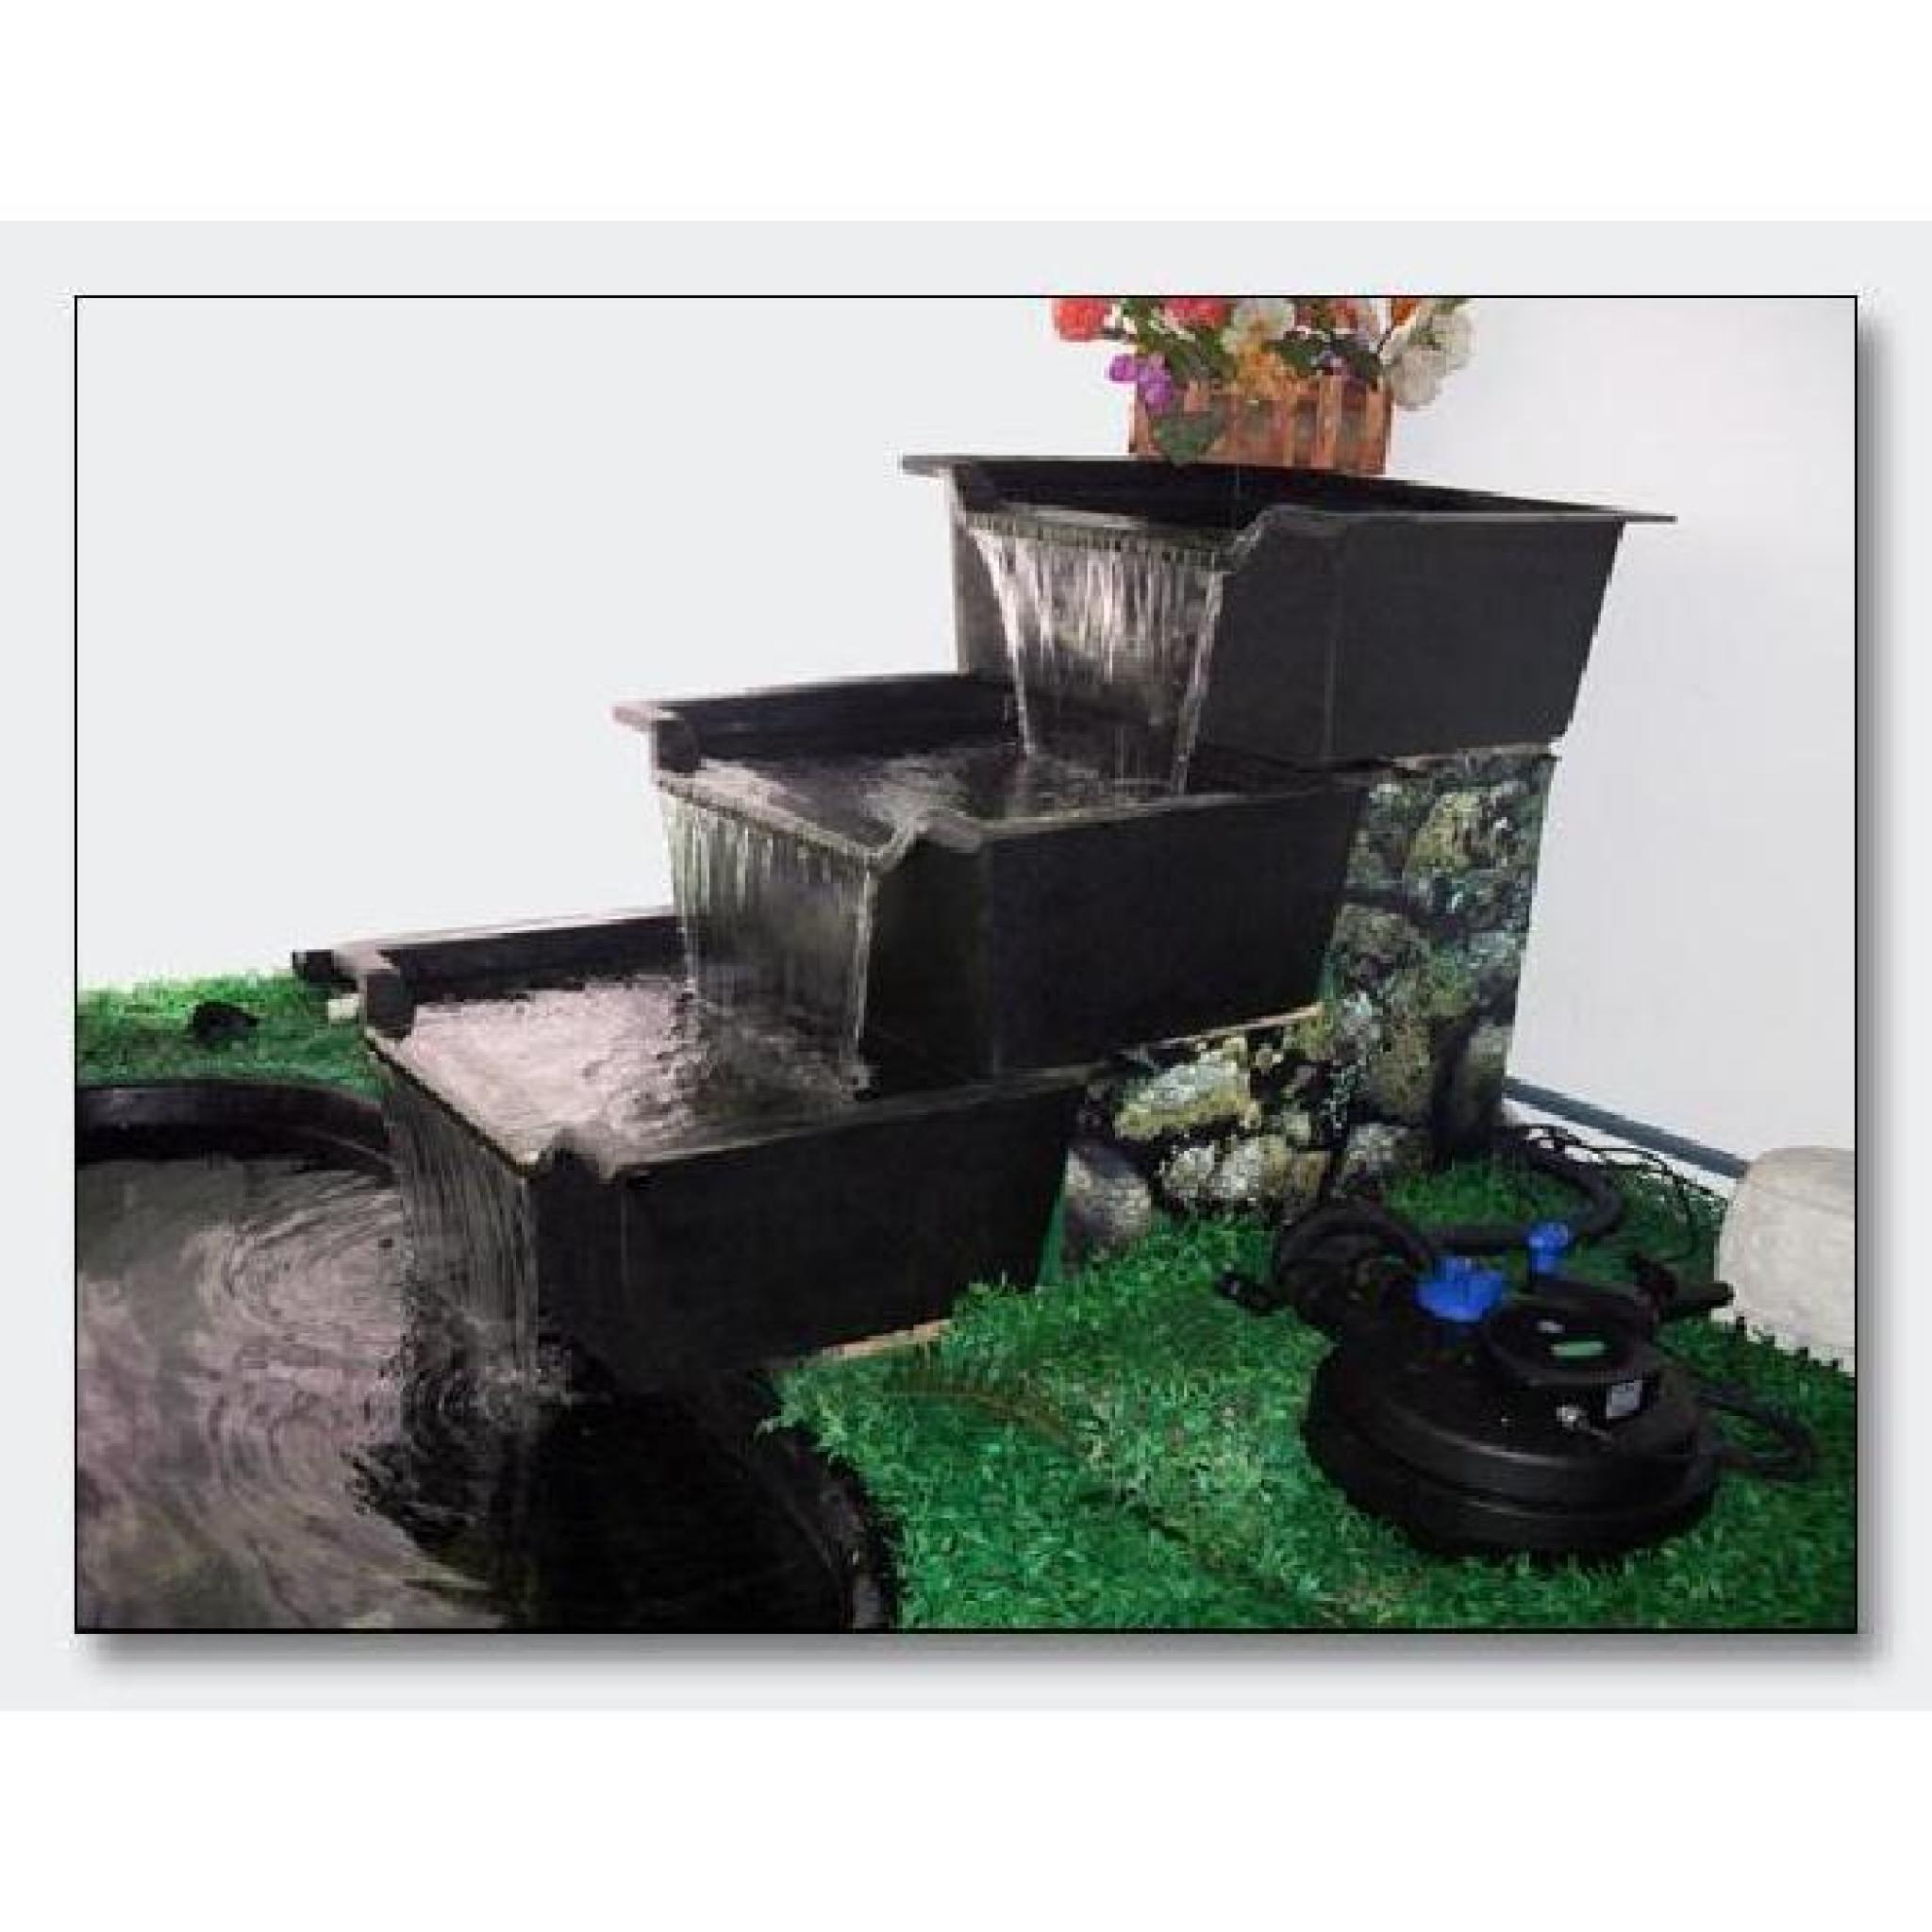 Bac cascade 61X 71 cm décoration pour bassins de jardin et étangs